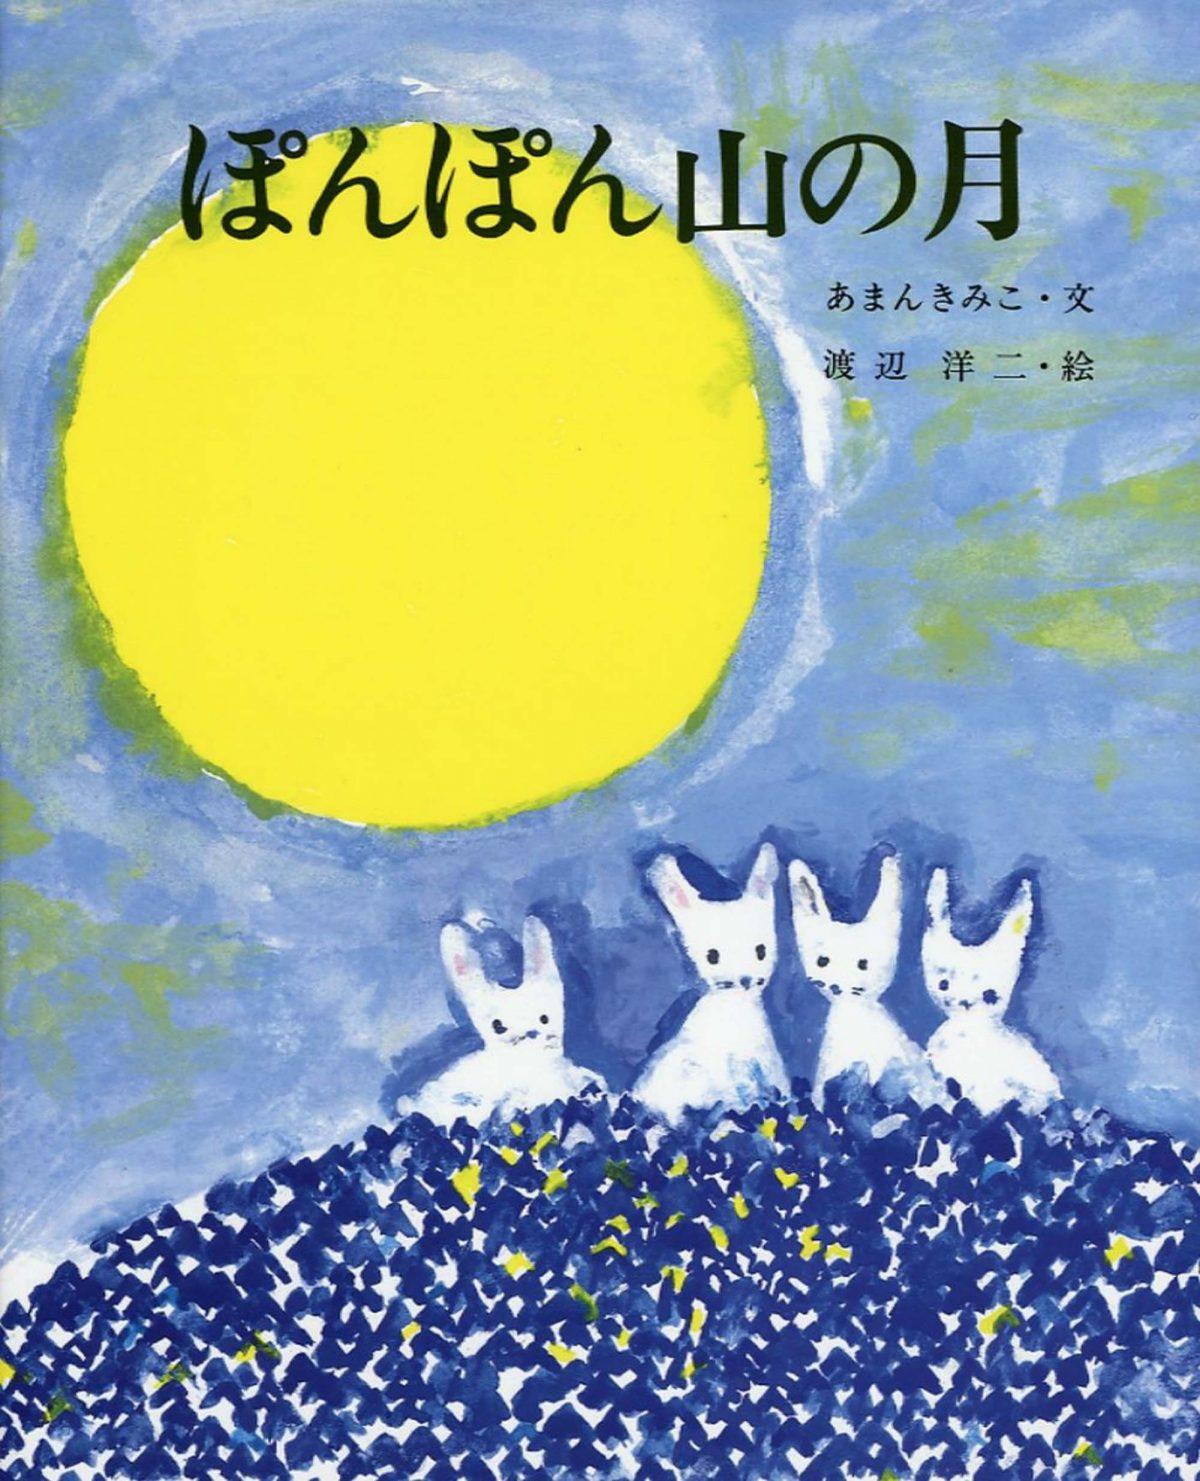 絵本「ぽんぽん山の月」の表紙